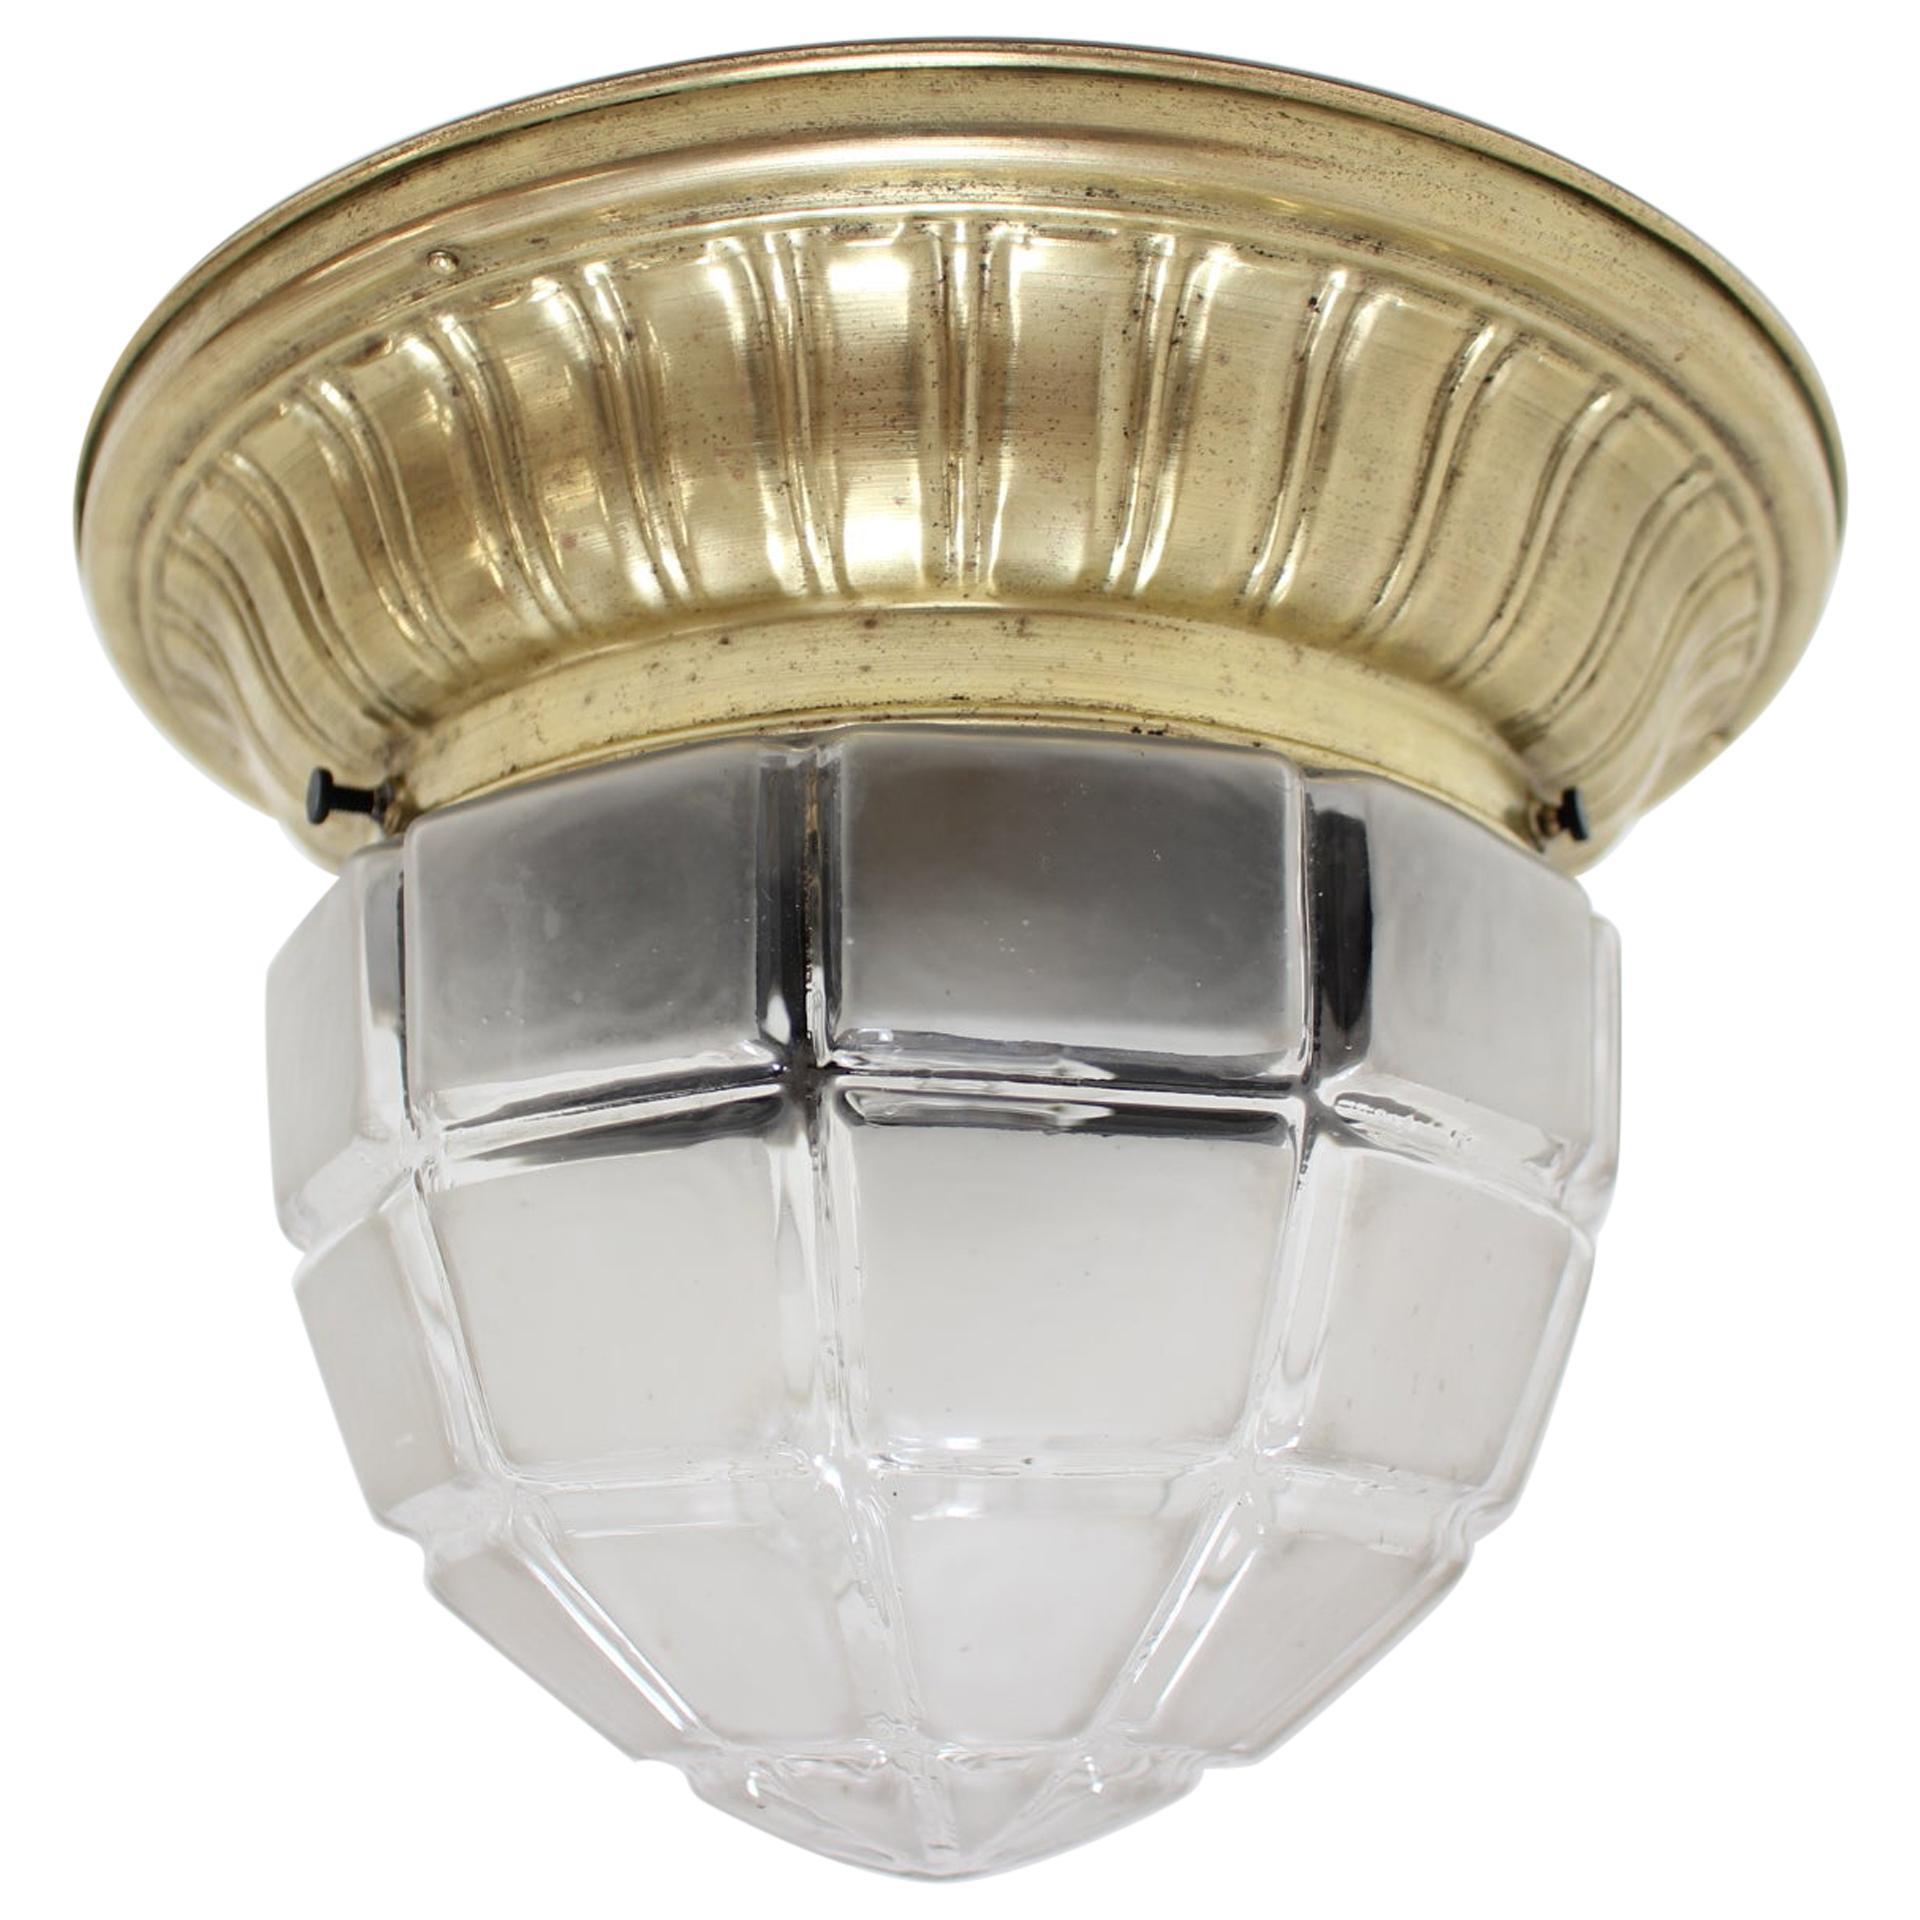 Art Deco Ceiling Light, 1930s